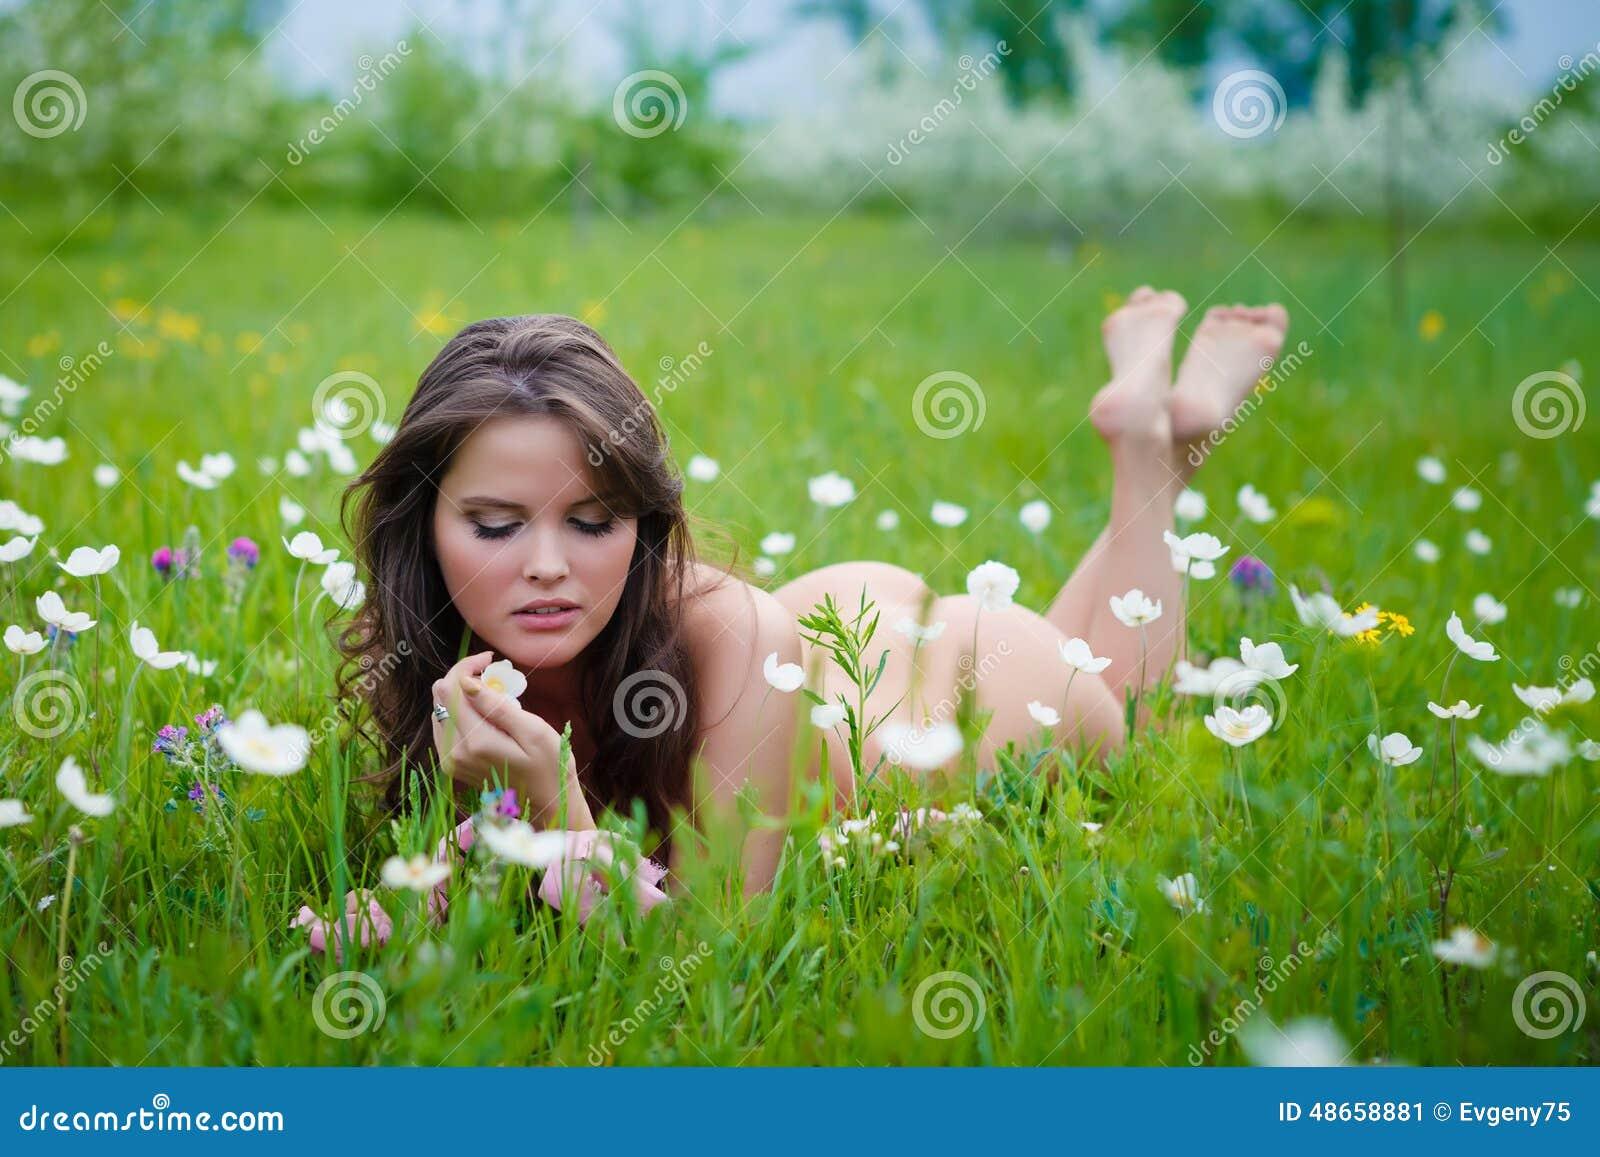 Naked girl being kinky